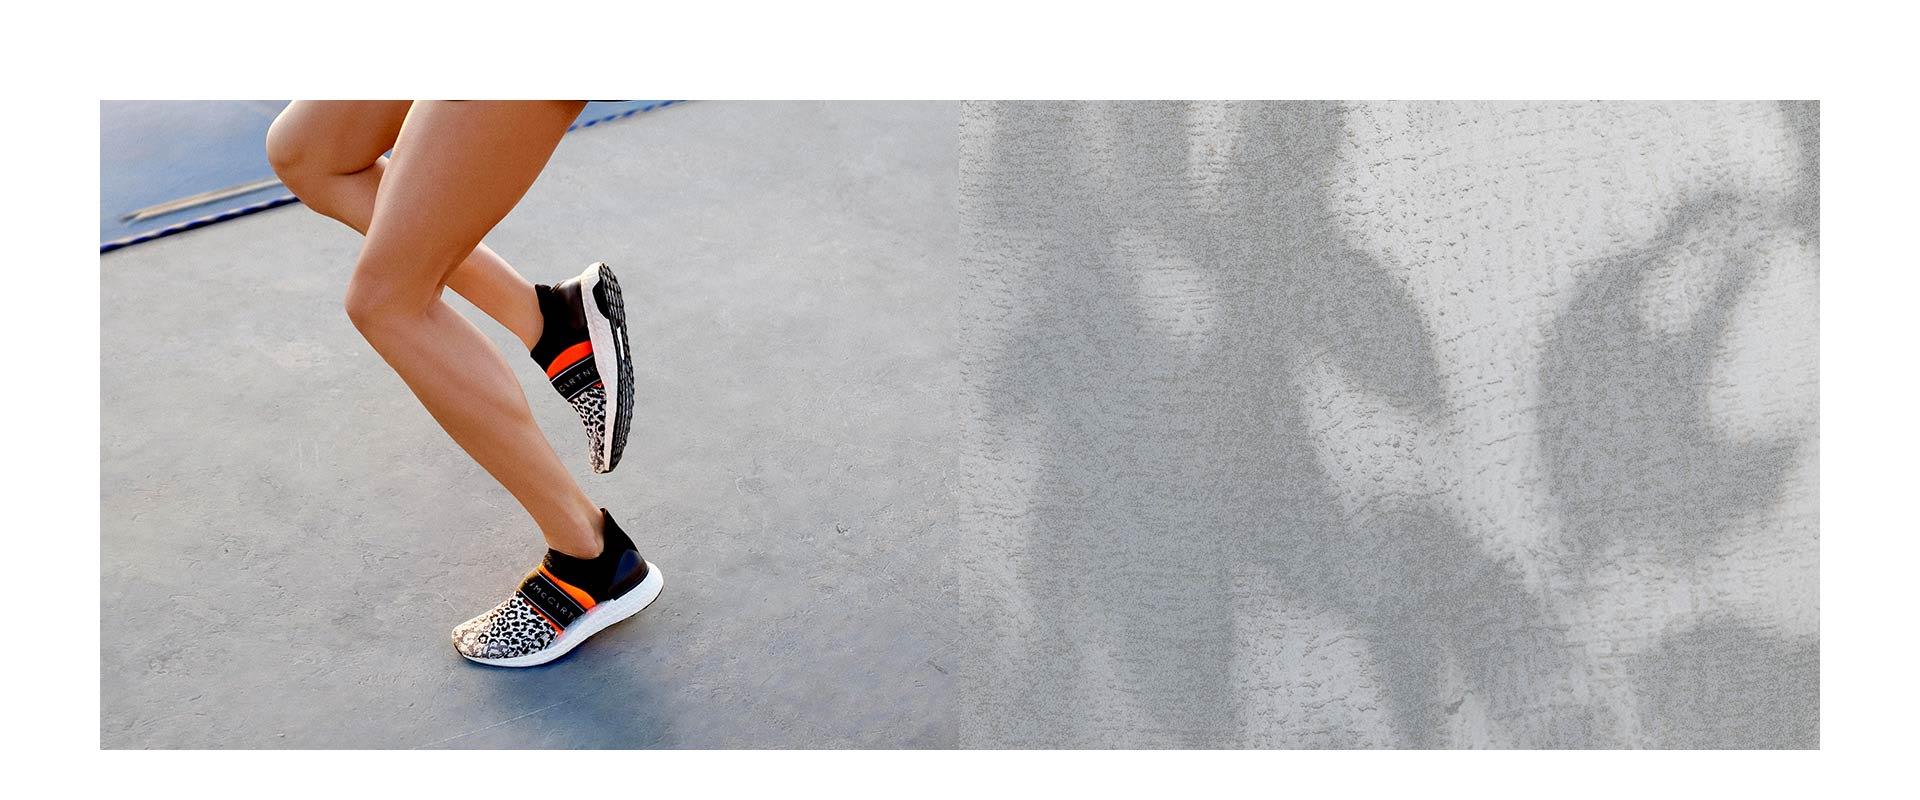 09c0a0131208 adidas by Stella McCartney